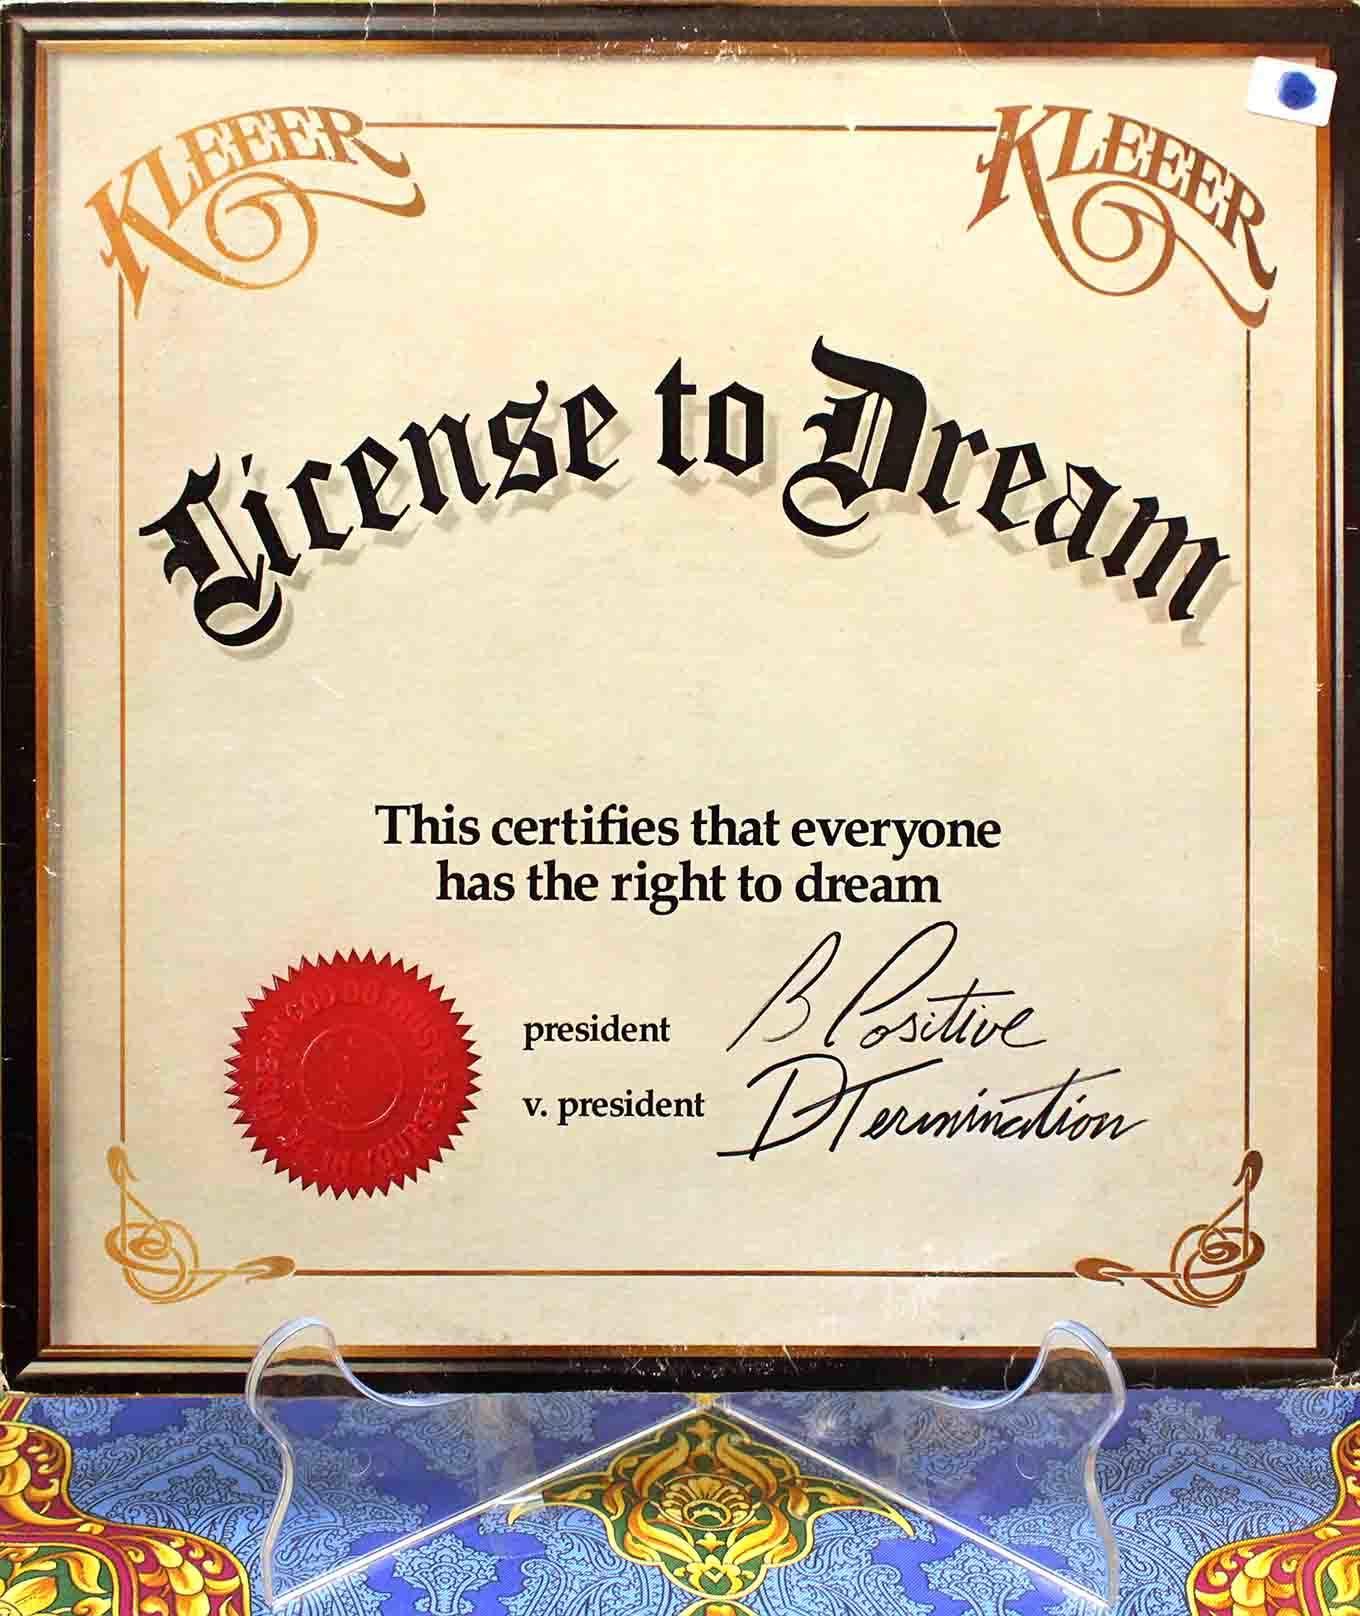 Kleeer license to dream 01